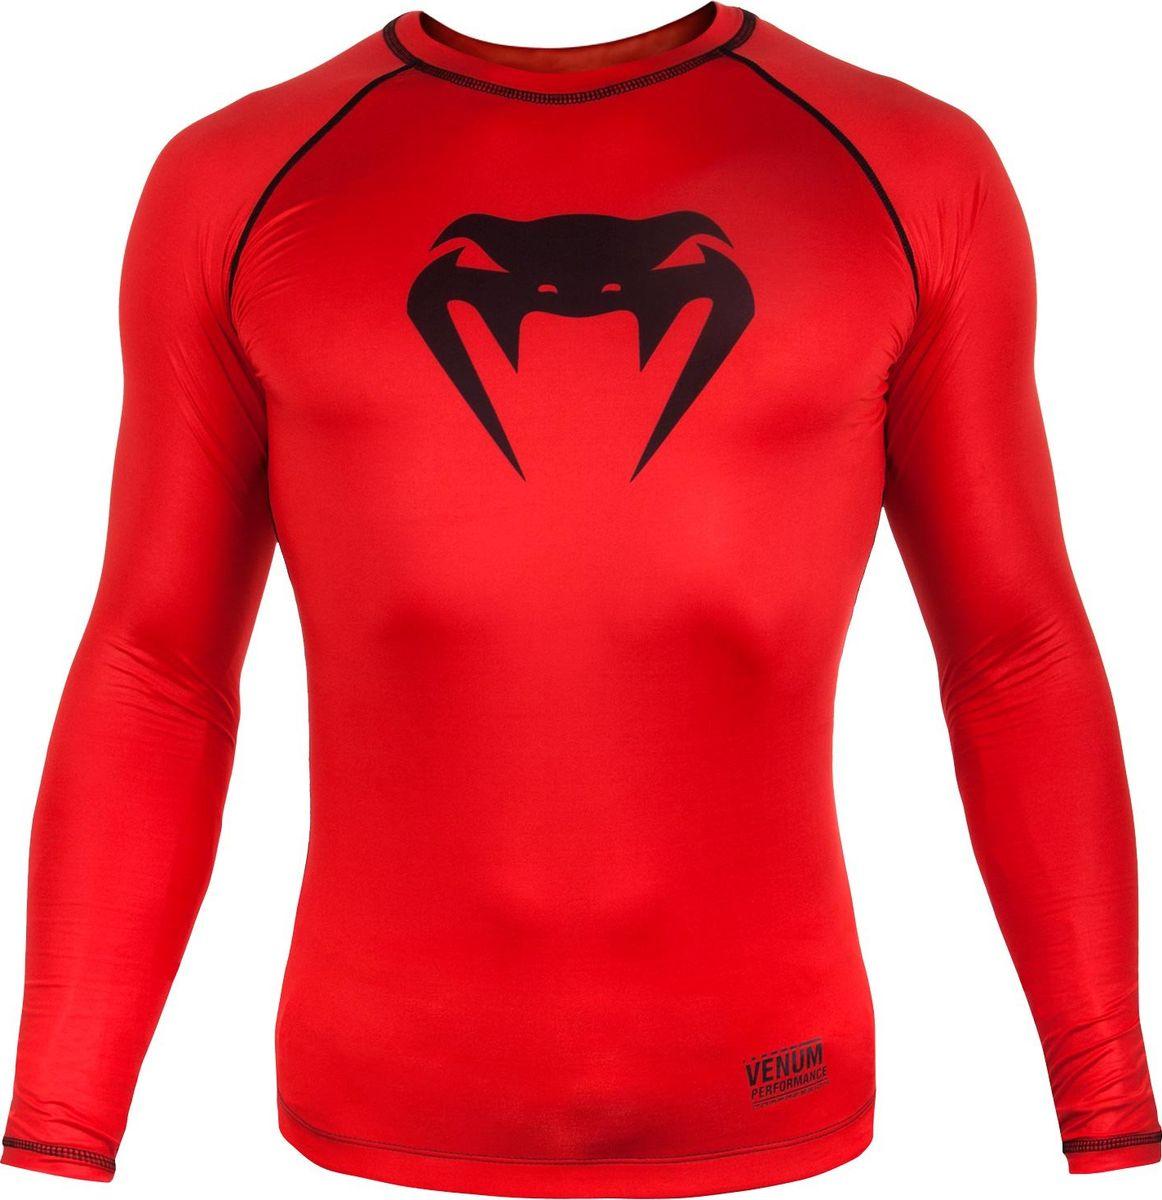 Рашгард мужской Venum Contender 3, цвет: красный. venrash0112. Размер XL (52)